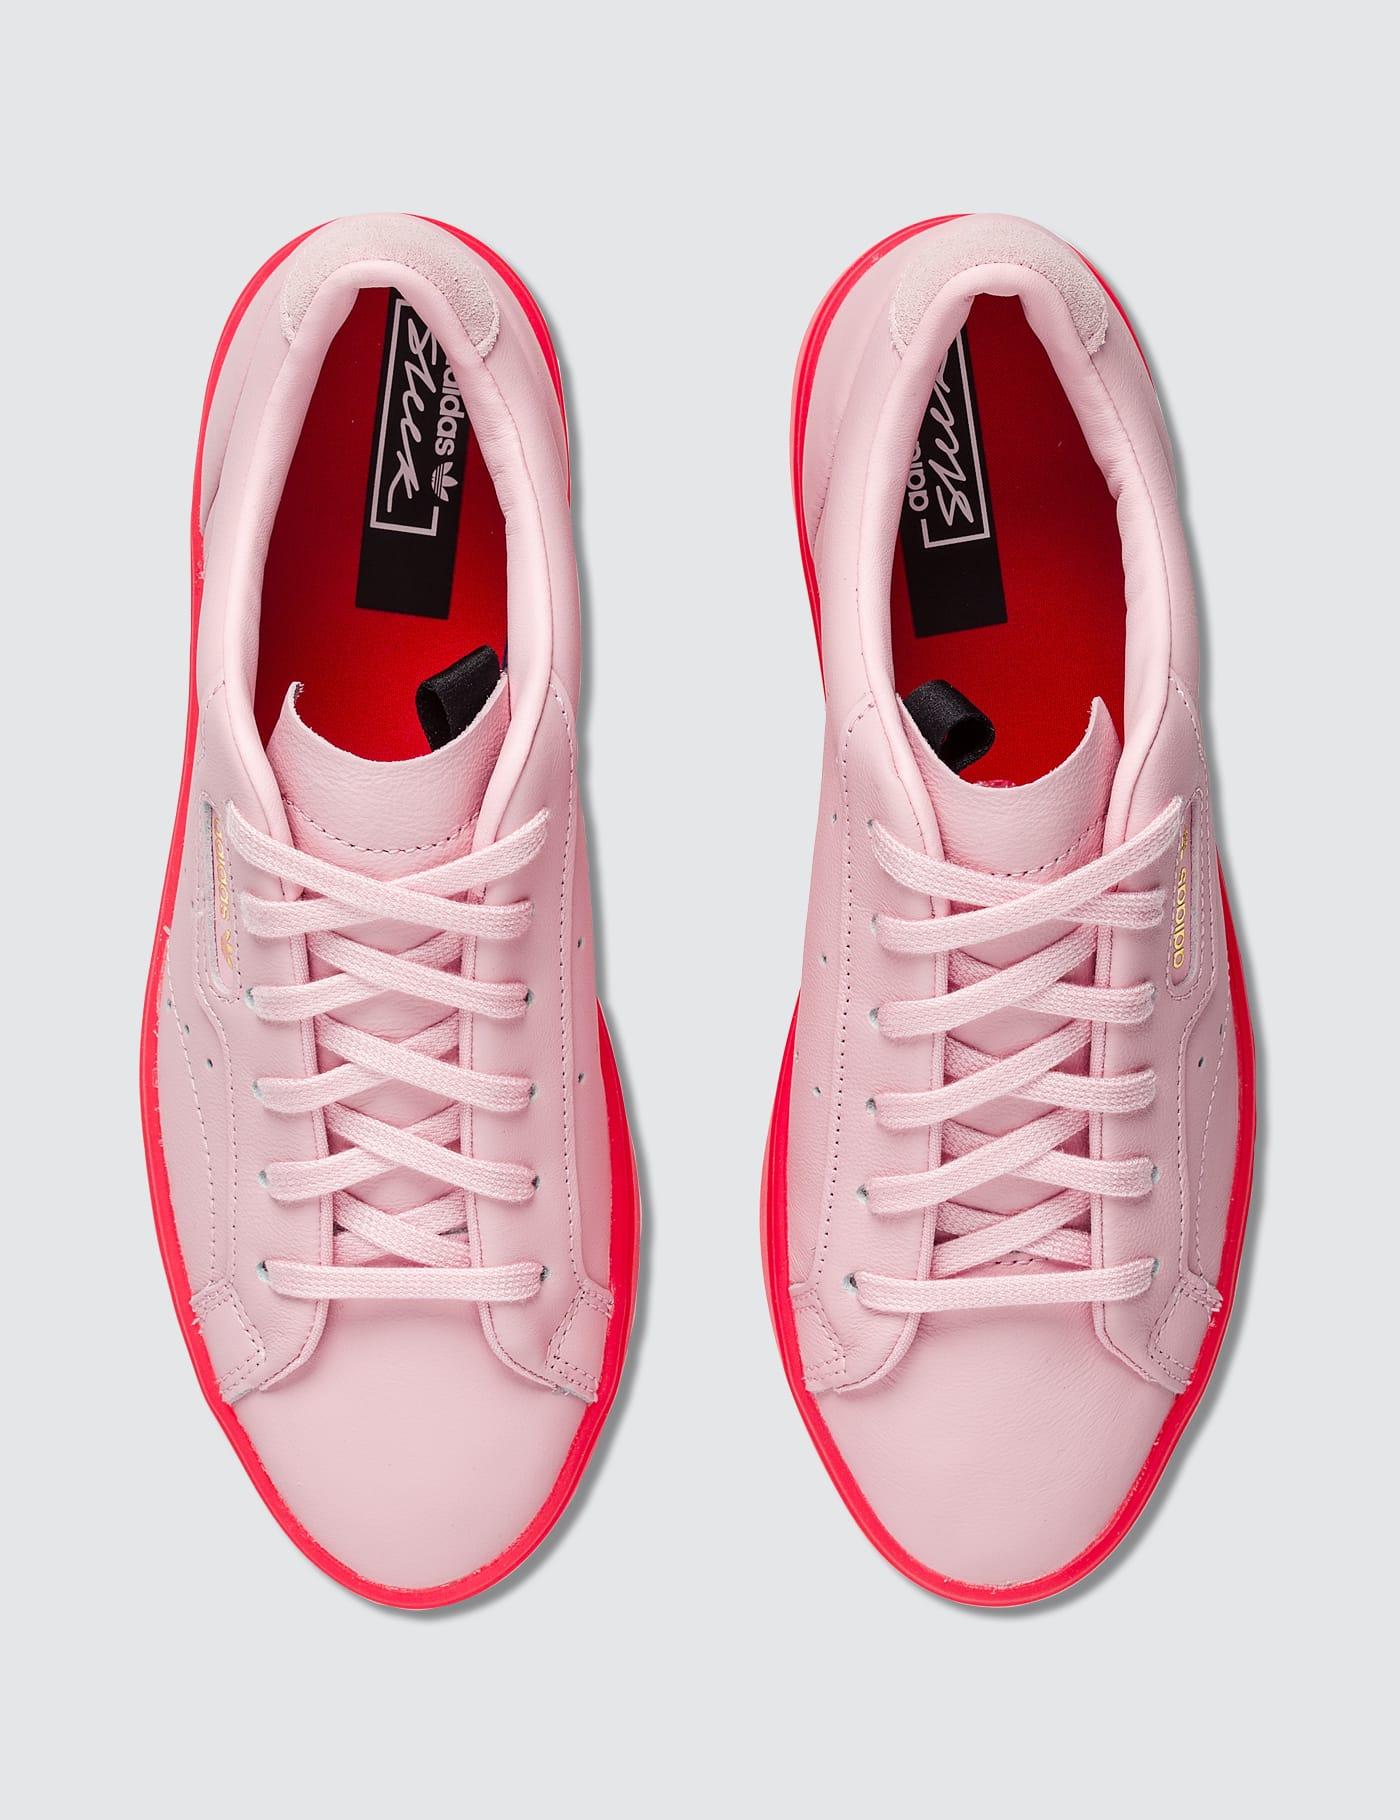 Adidas Originals - Adidas Sleek W   HBX